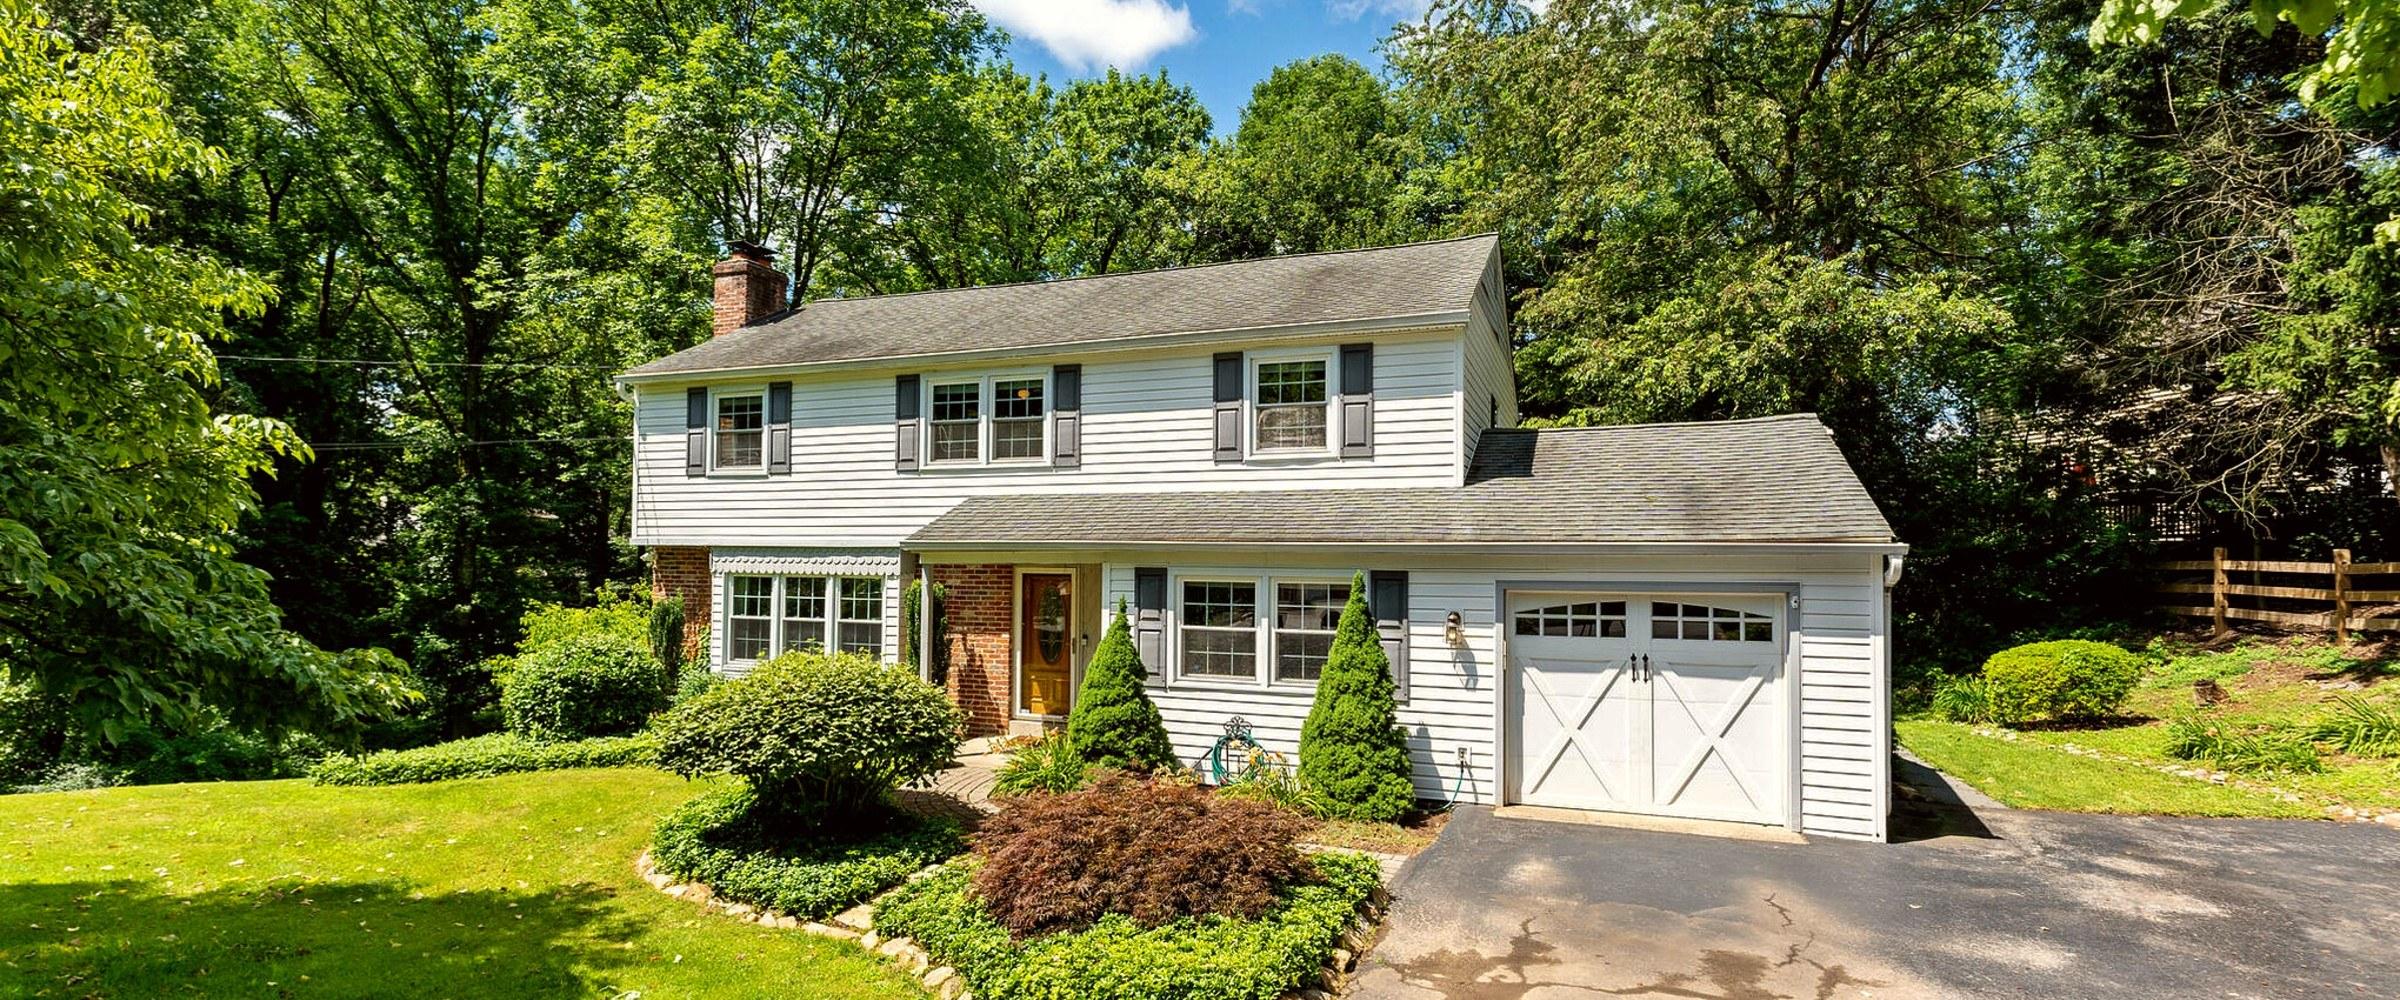 a home sold through Houwzer